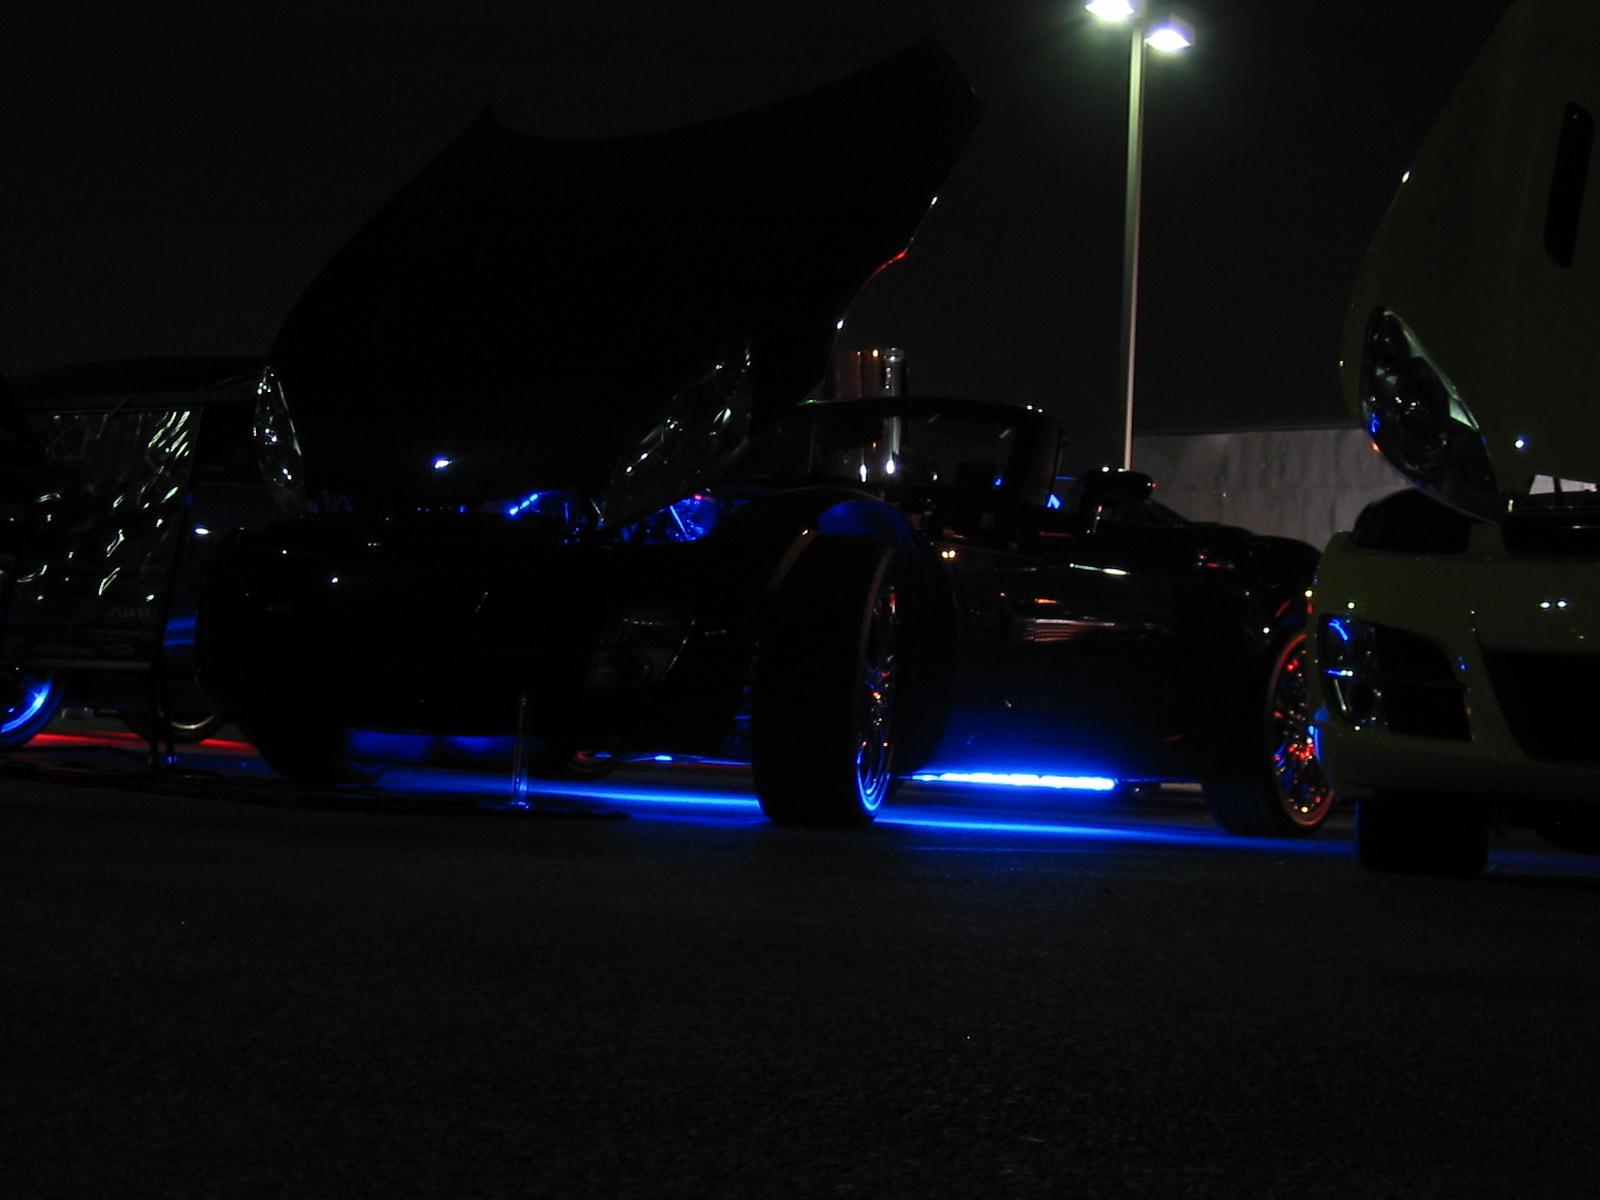 Under neon lights